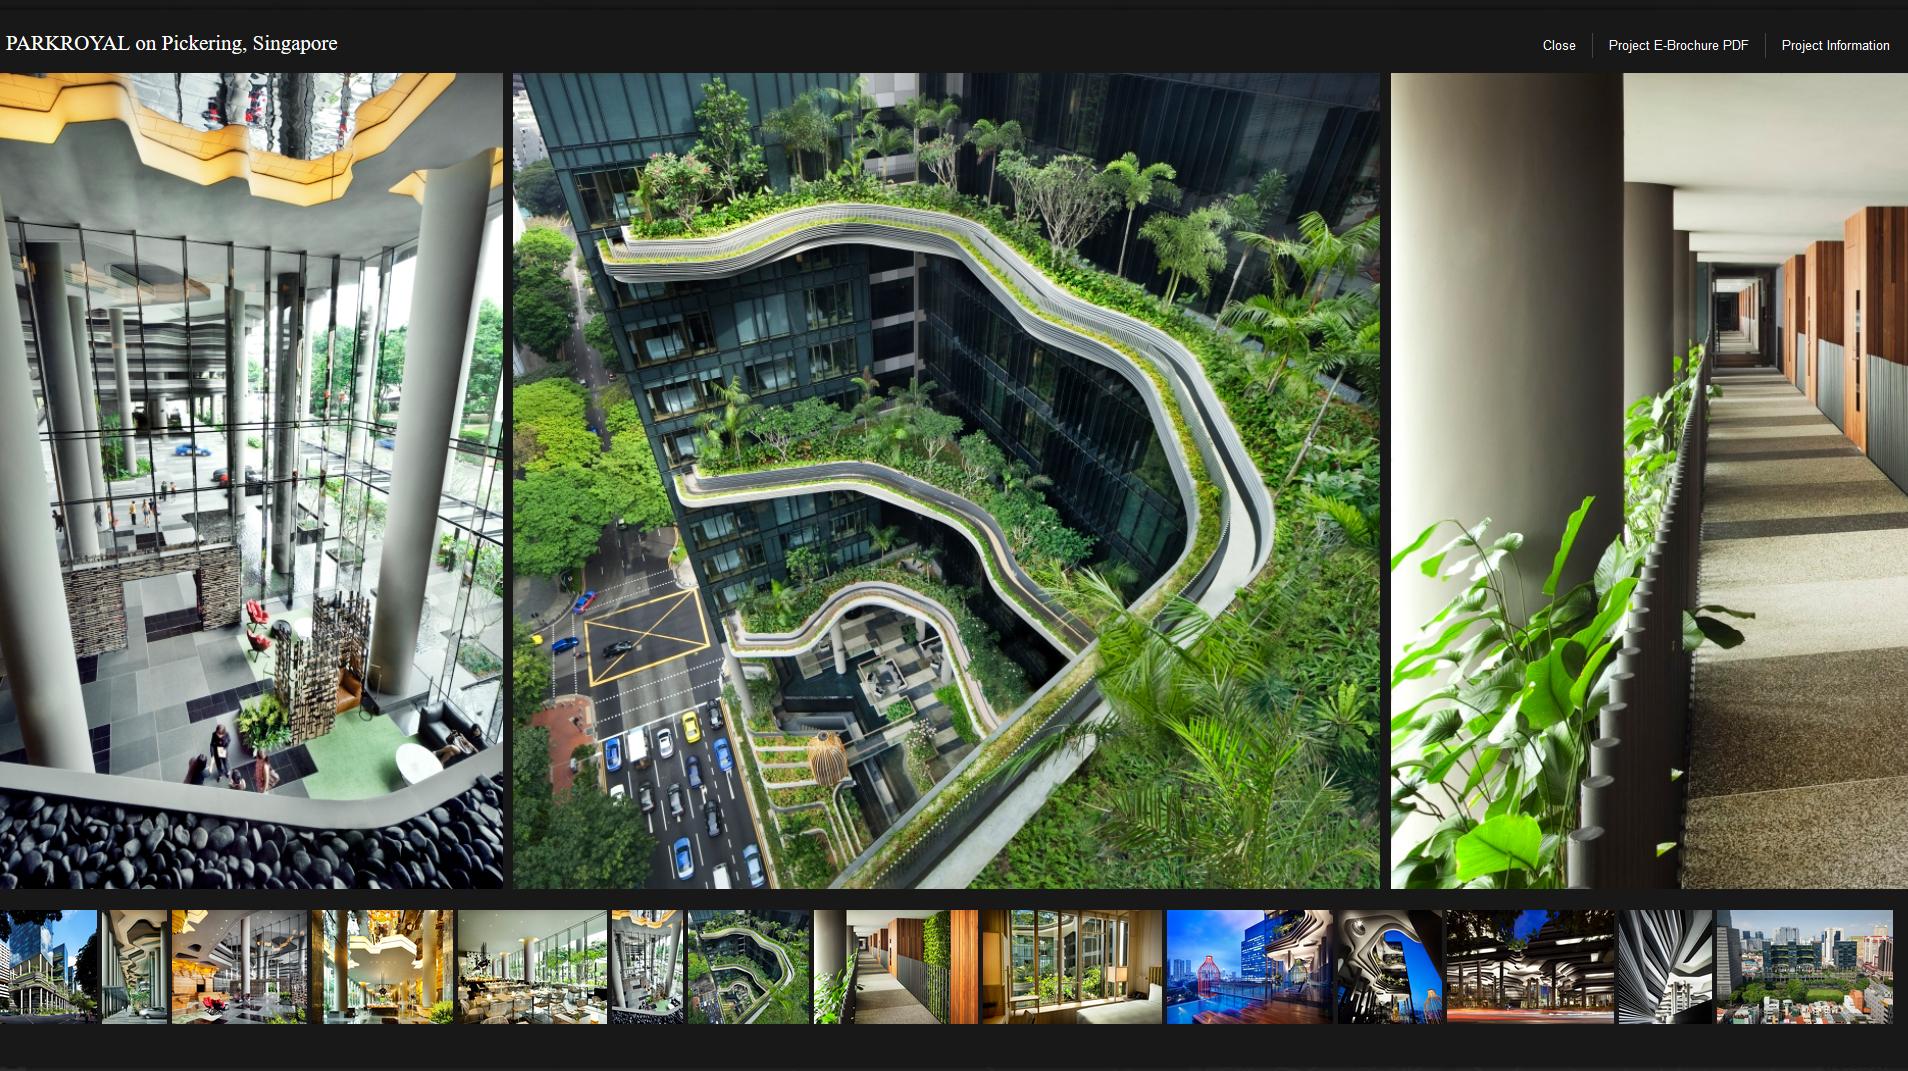 Die weltweit bekannten Begrünungsprojekte des Singapurer Archicktenbüros WOHA können Sie sich auf Ihrer Website ansehen, indem sie sich einfach durch die Karte von Singapur klicken. Screenhot: WOHA.net